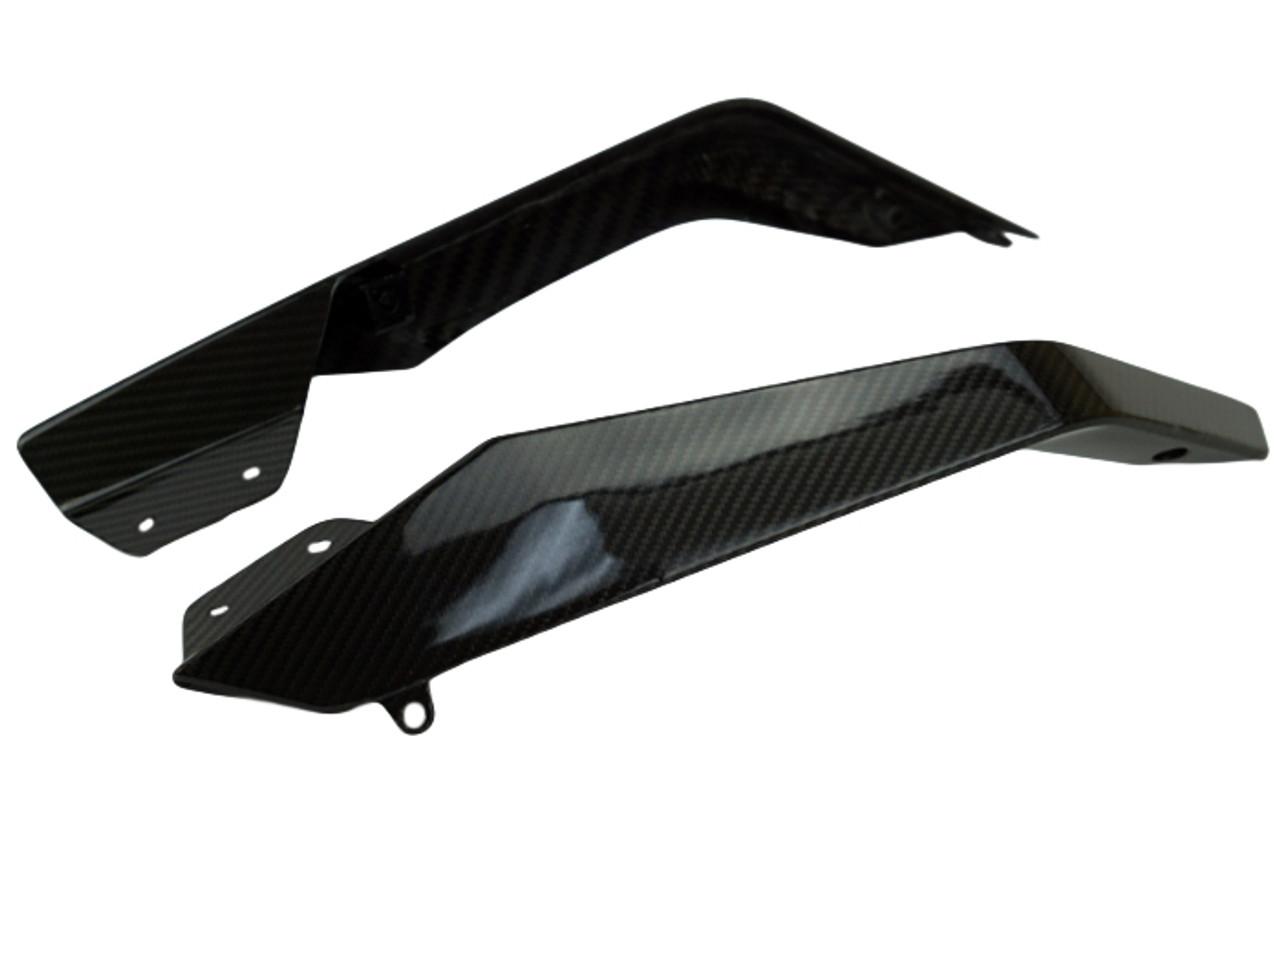 Upper Spoilers in Glossy Twill Weave Carbon Fiber for KTM 1290 Super Duke GT 2017-2018